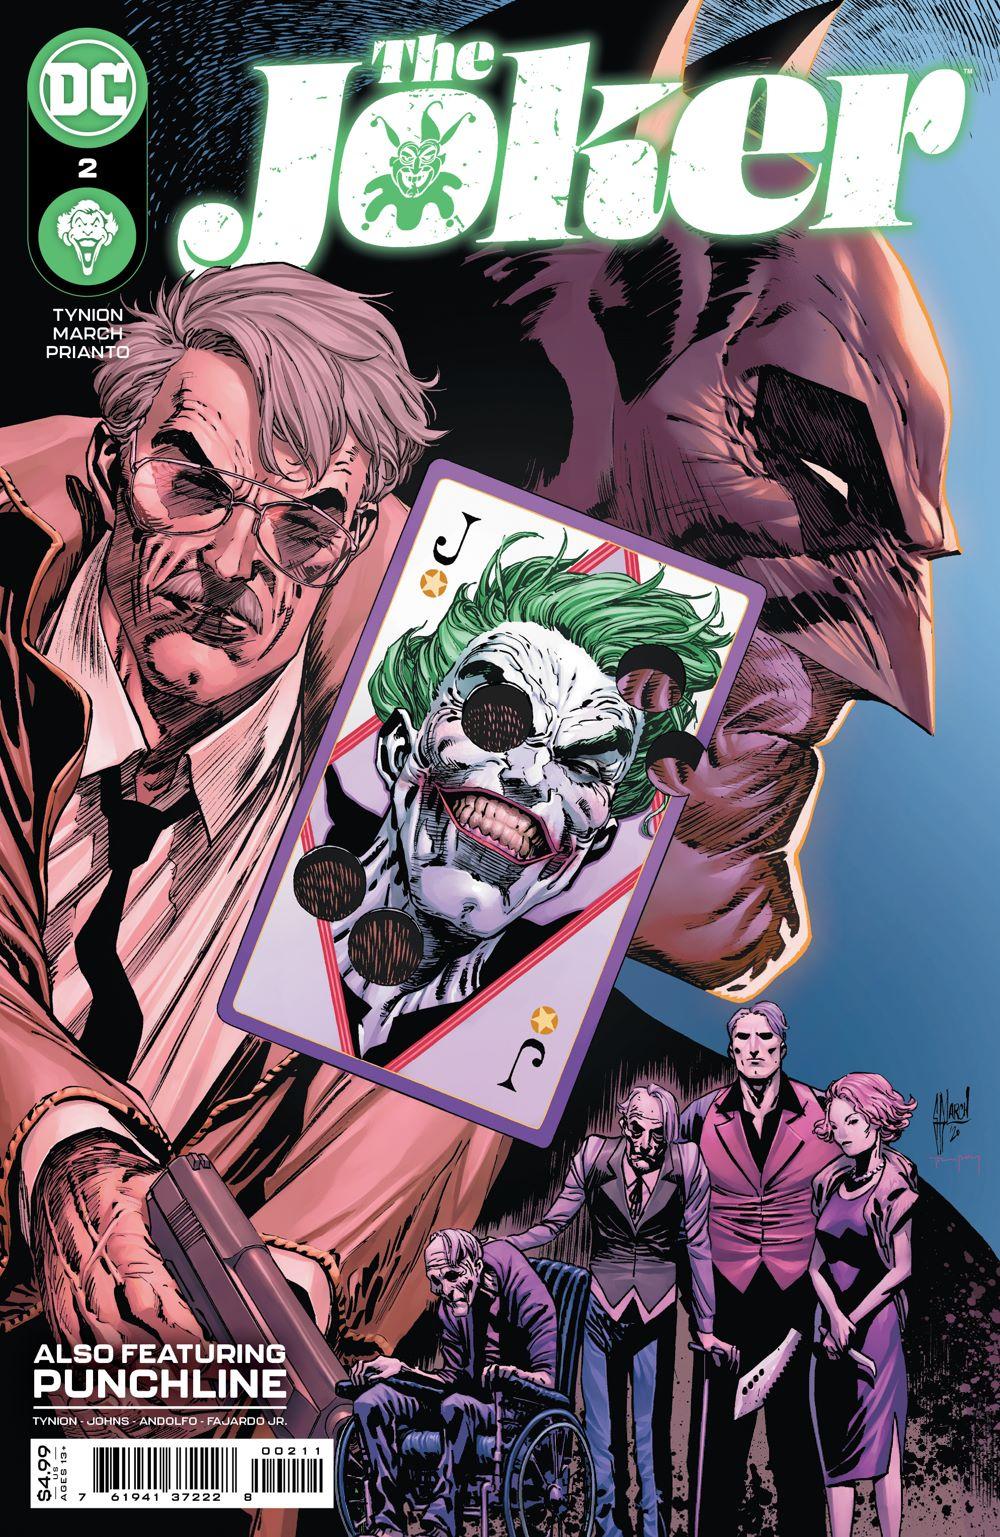 JOKER_Cv2 DC Comics April 2021 Solicitations